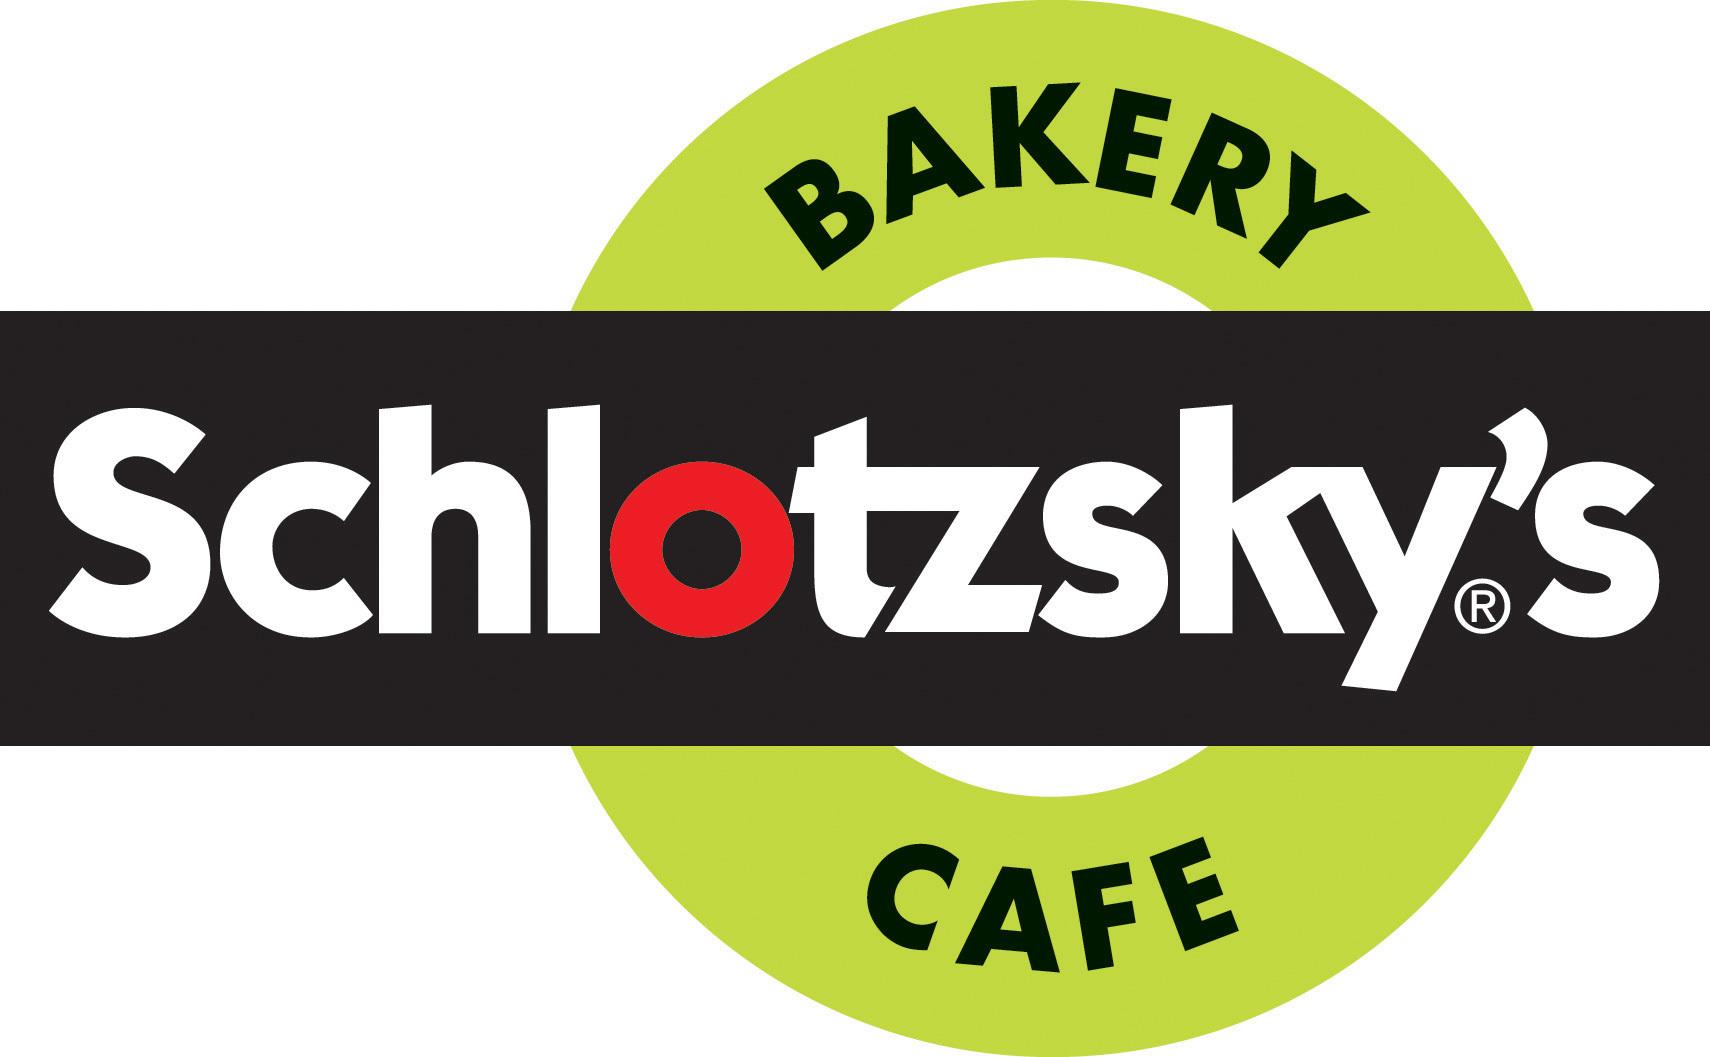 Schlotzsky's on Pinhook